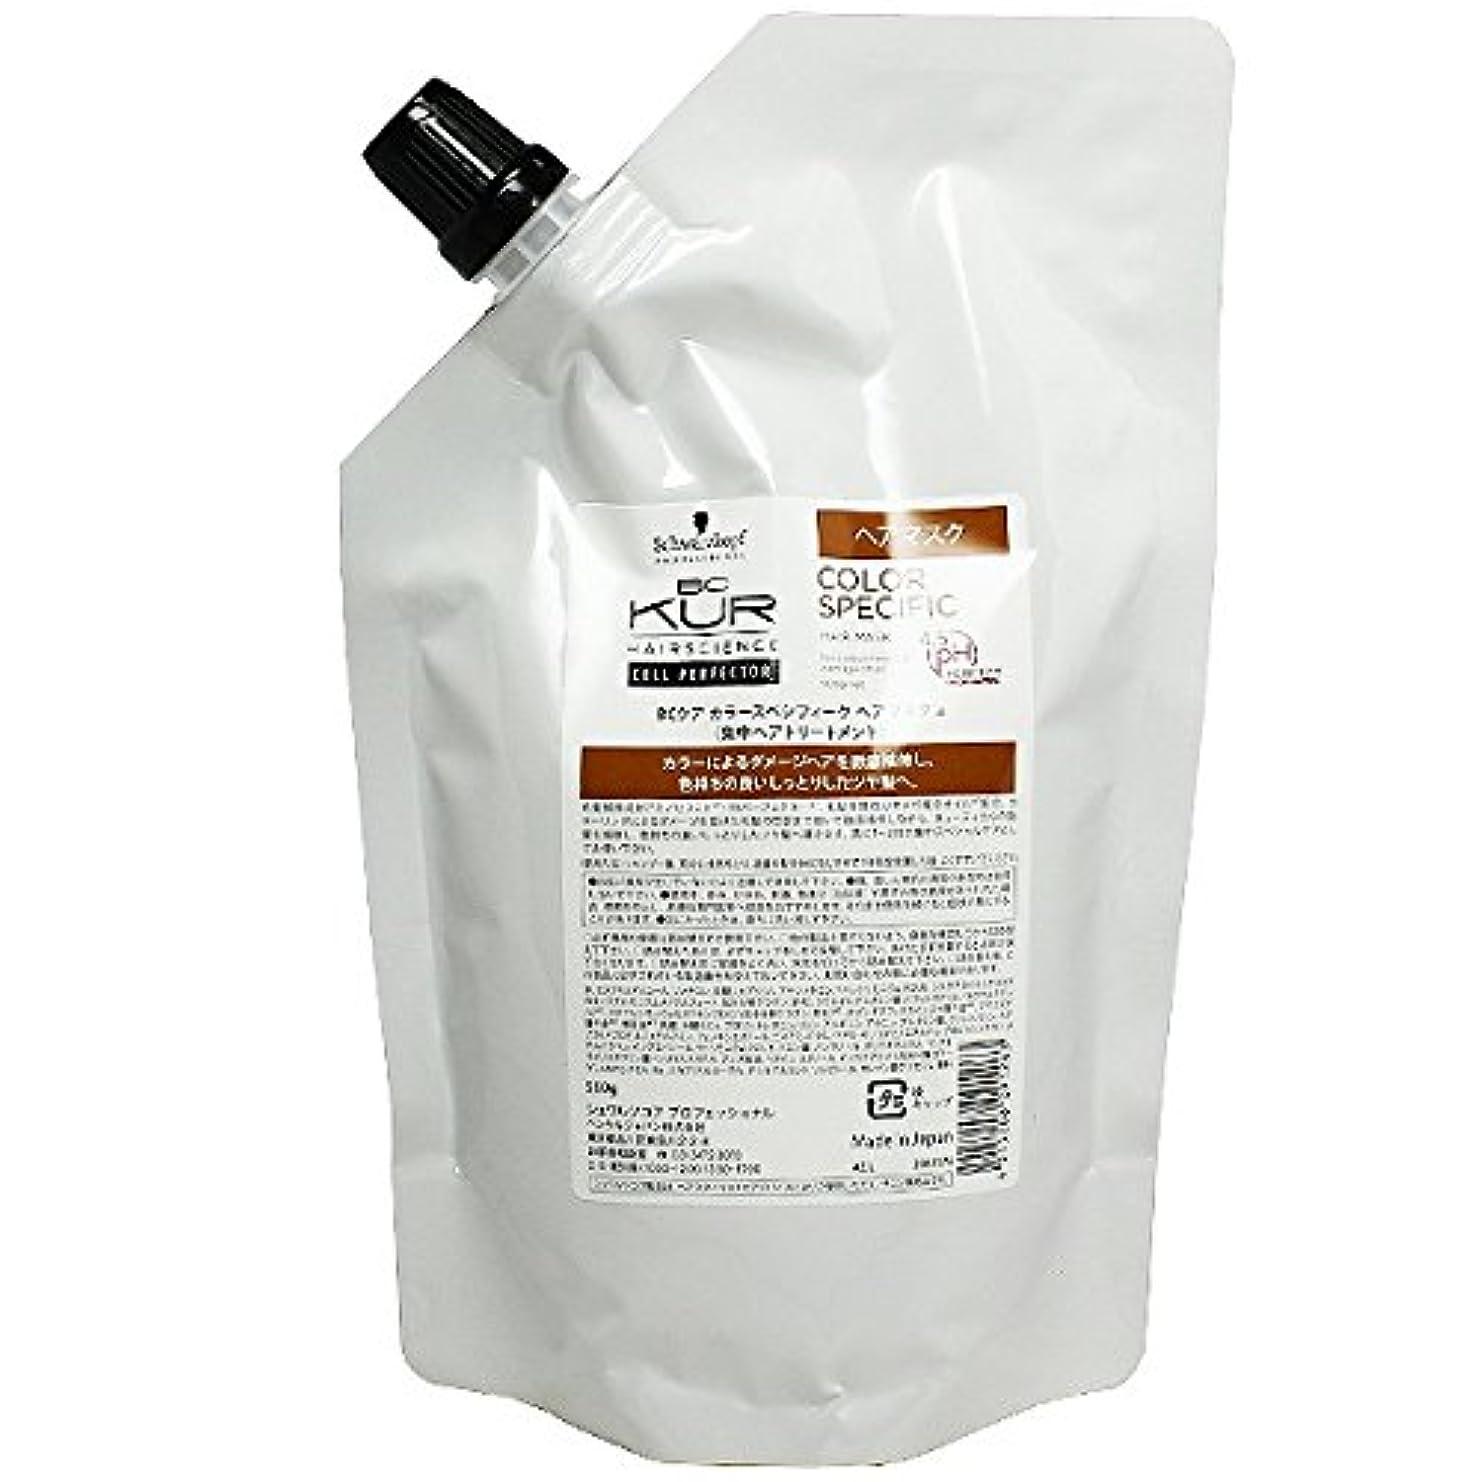 挑発するノーブル冷蔵するシュワルツコフ BCクア カラースペシフィーク ヘアマスクa 500g(詰替)